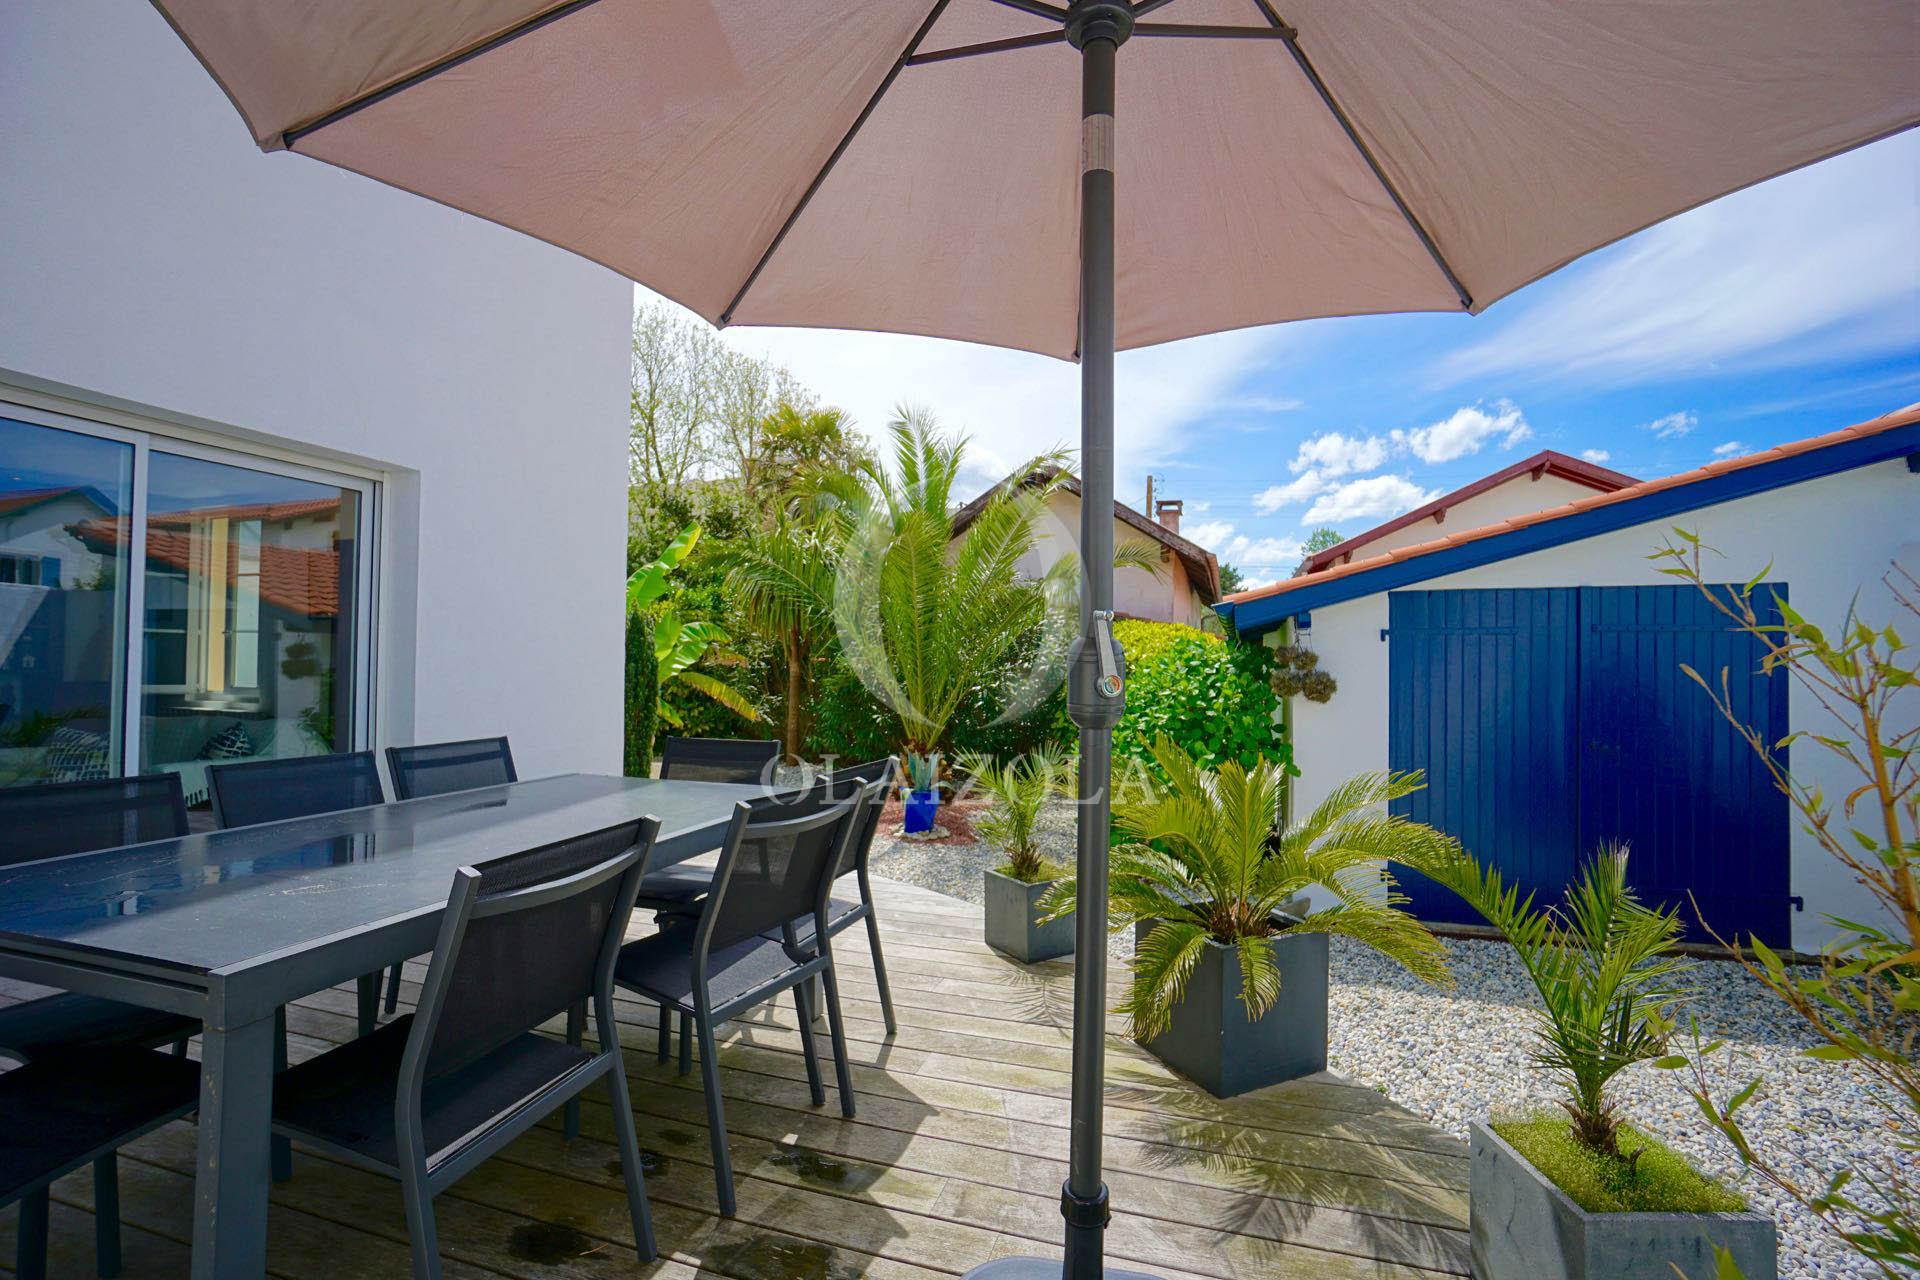 Location maison vacances biarritz particuliers avie home for Location maison particulier a particulier